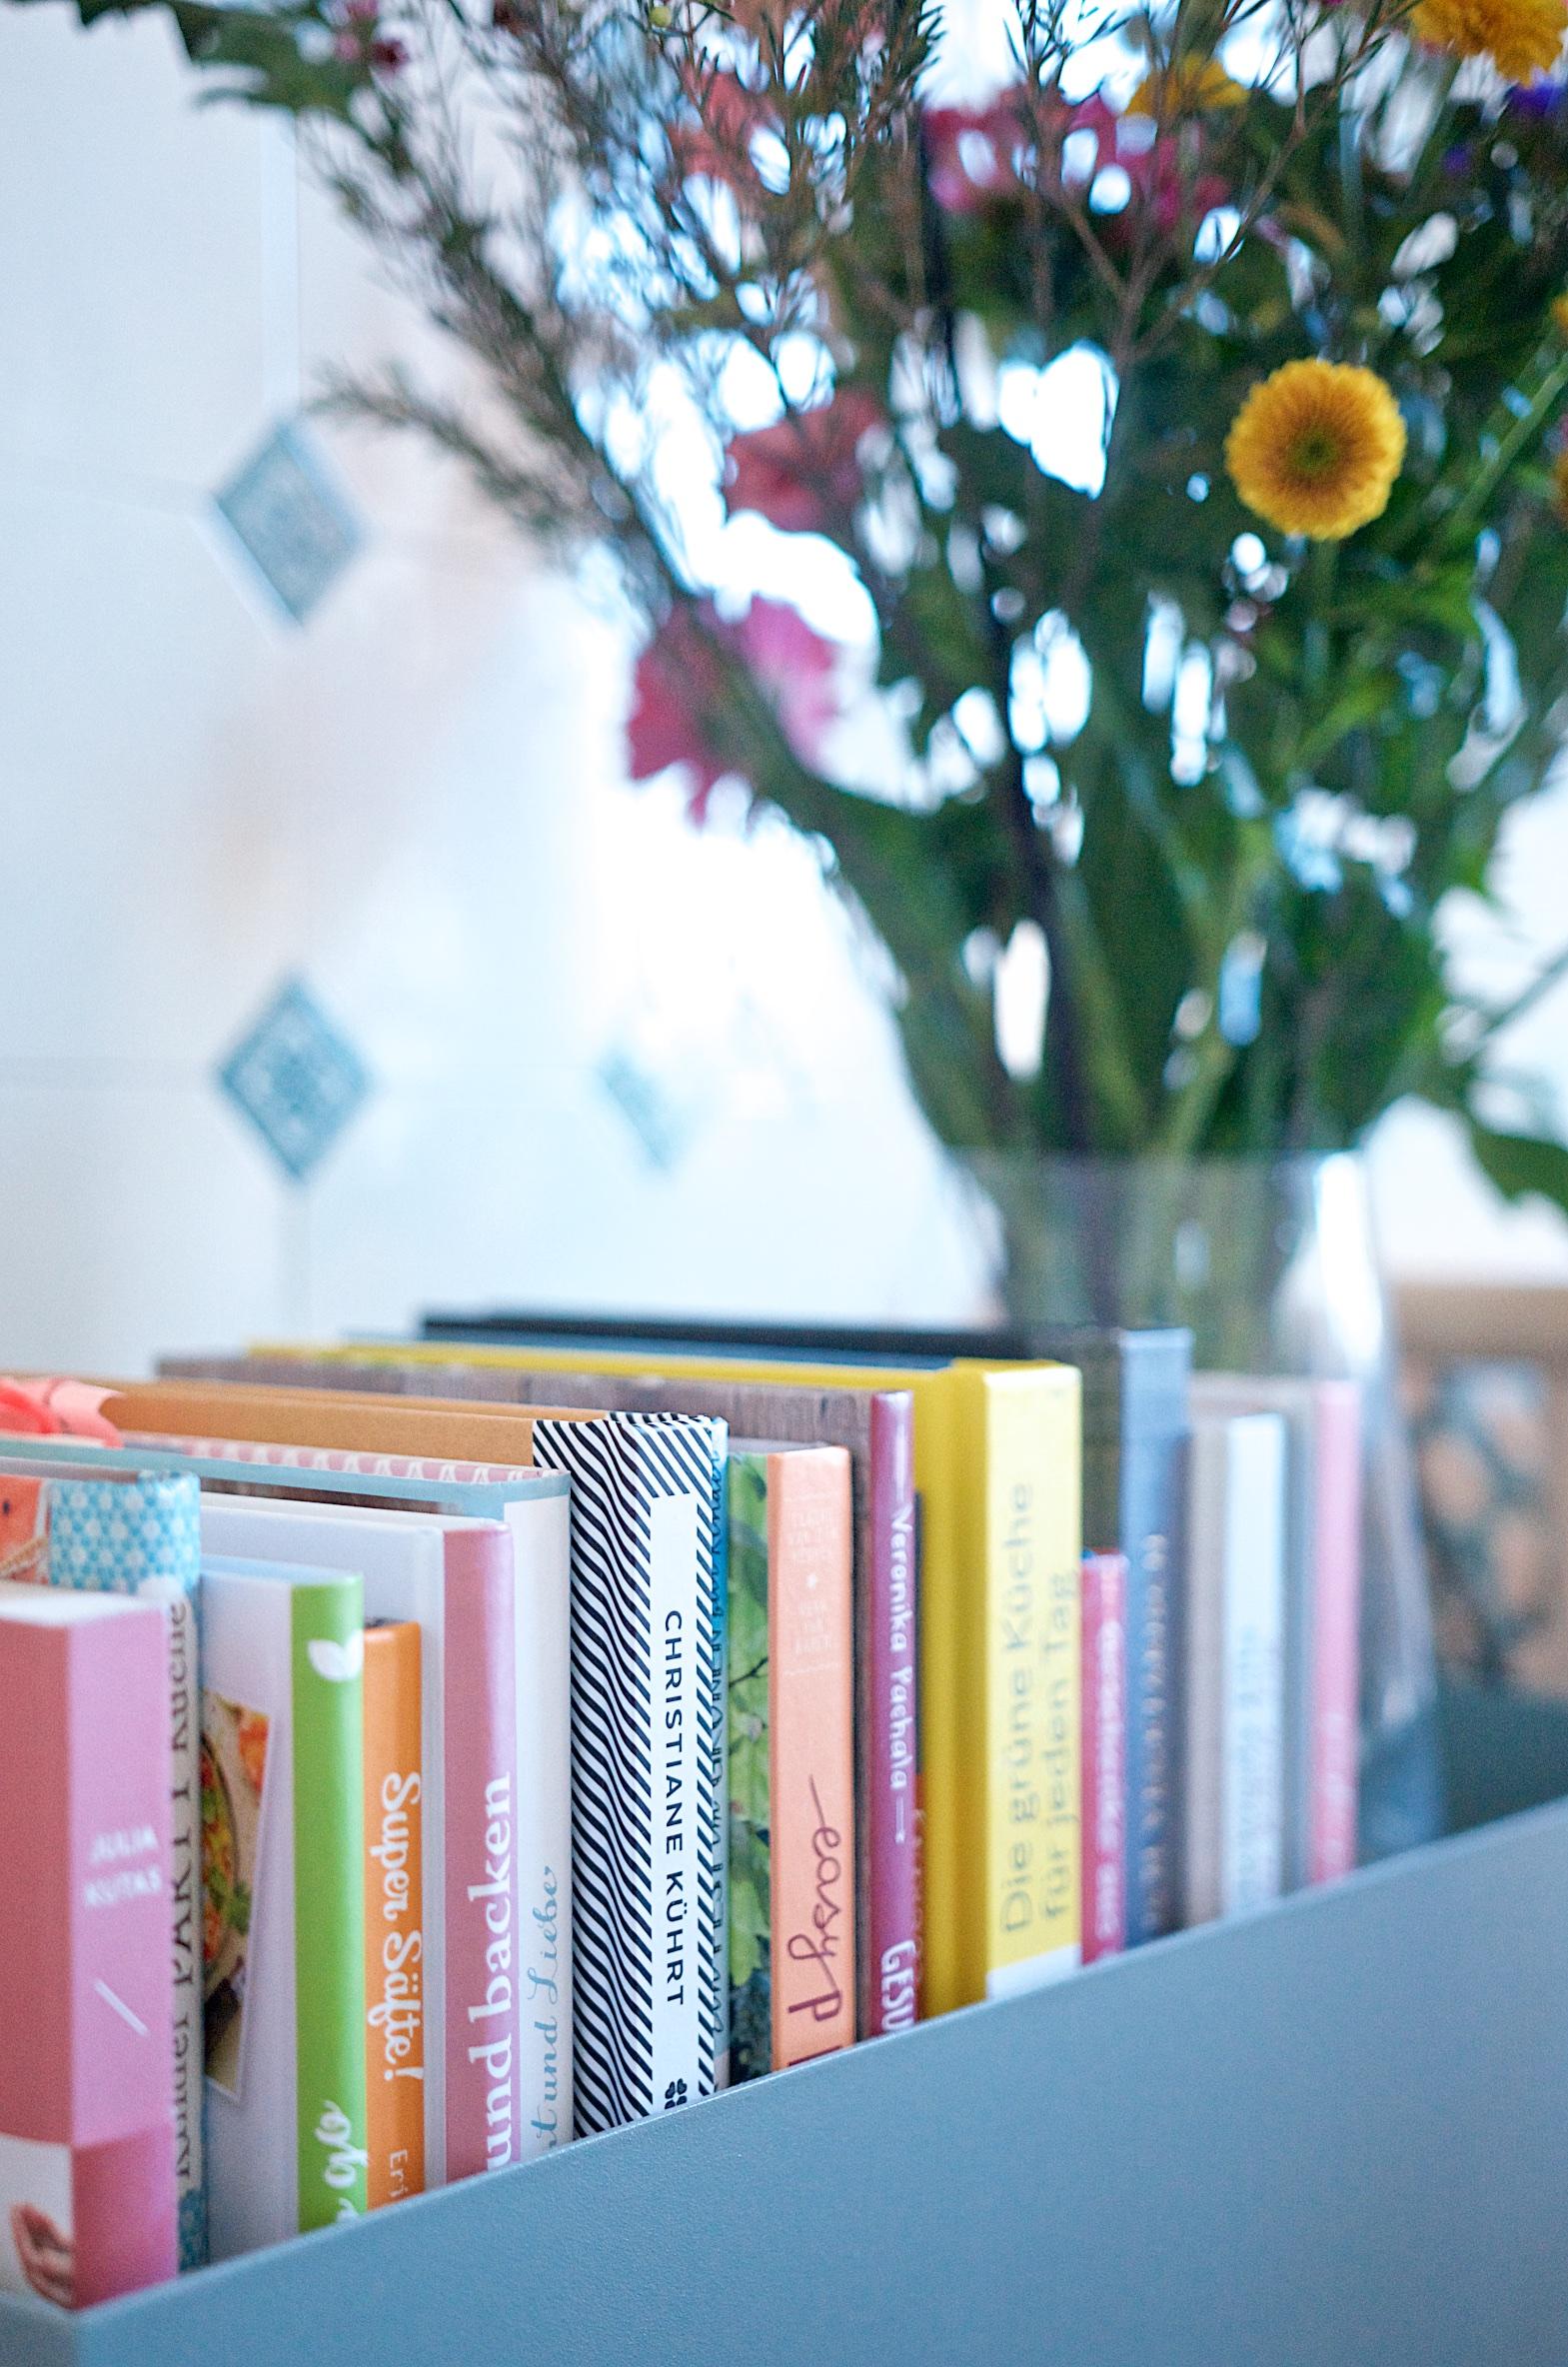 Meal Prep mit Free Printable Wochenplan - meine liebsten Kochbücher im Planter von Ferm Living